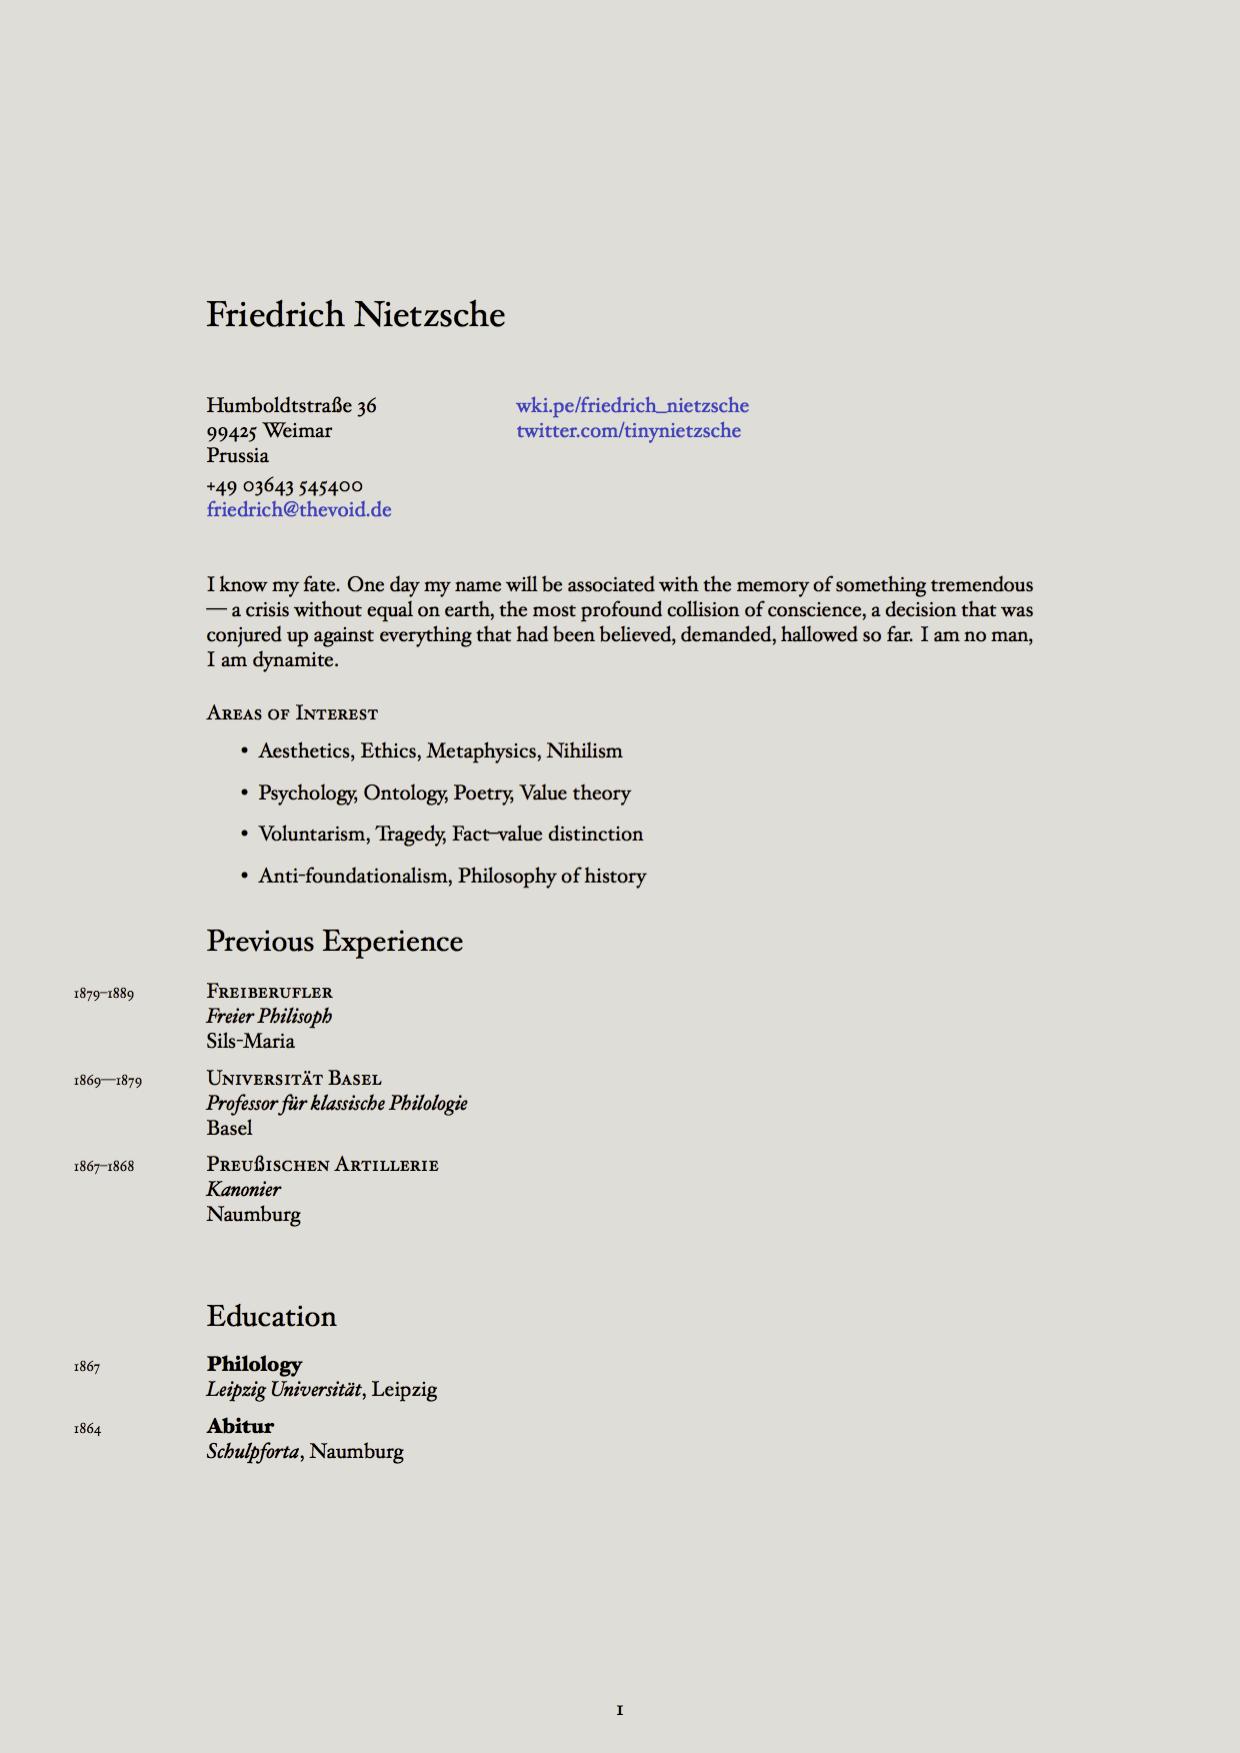 Imagined CV for Friedrich Nietzsche